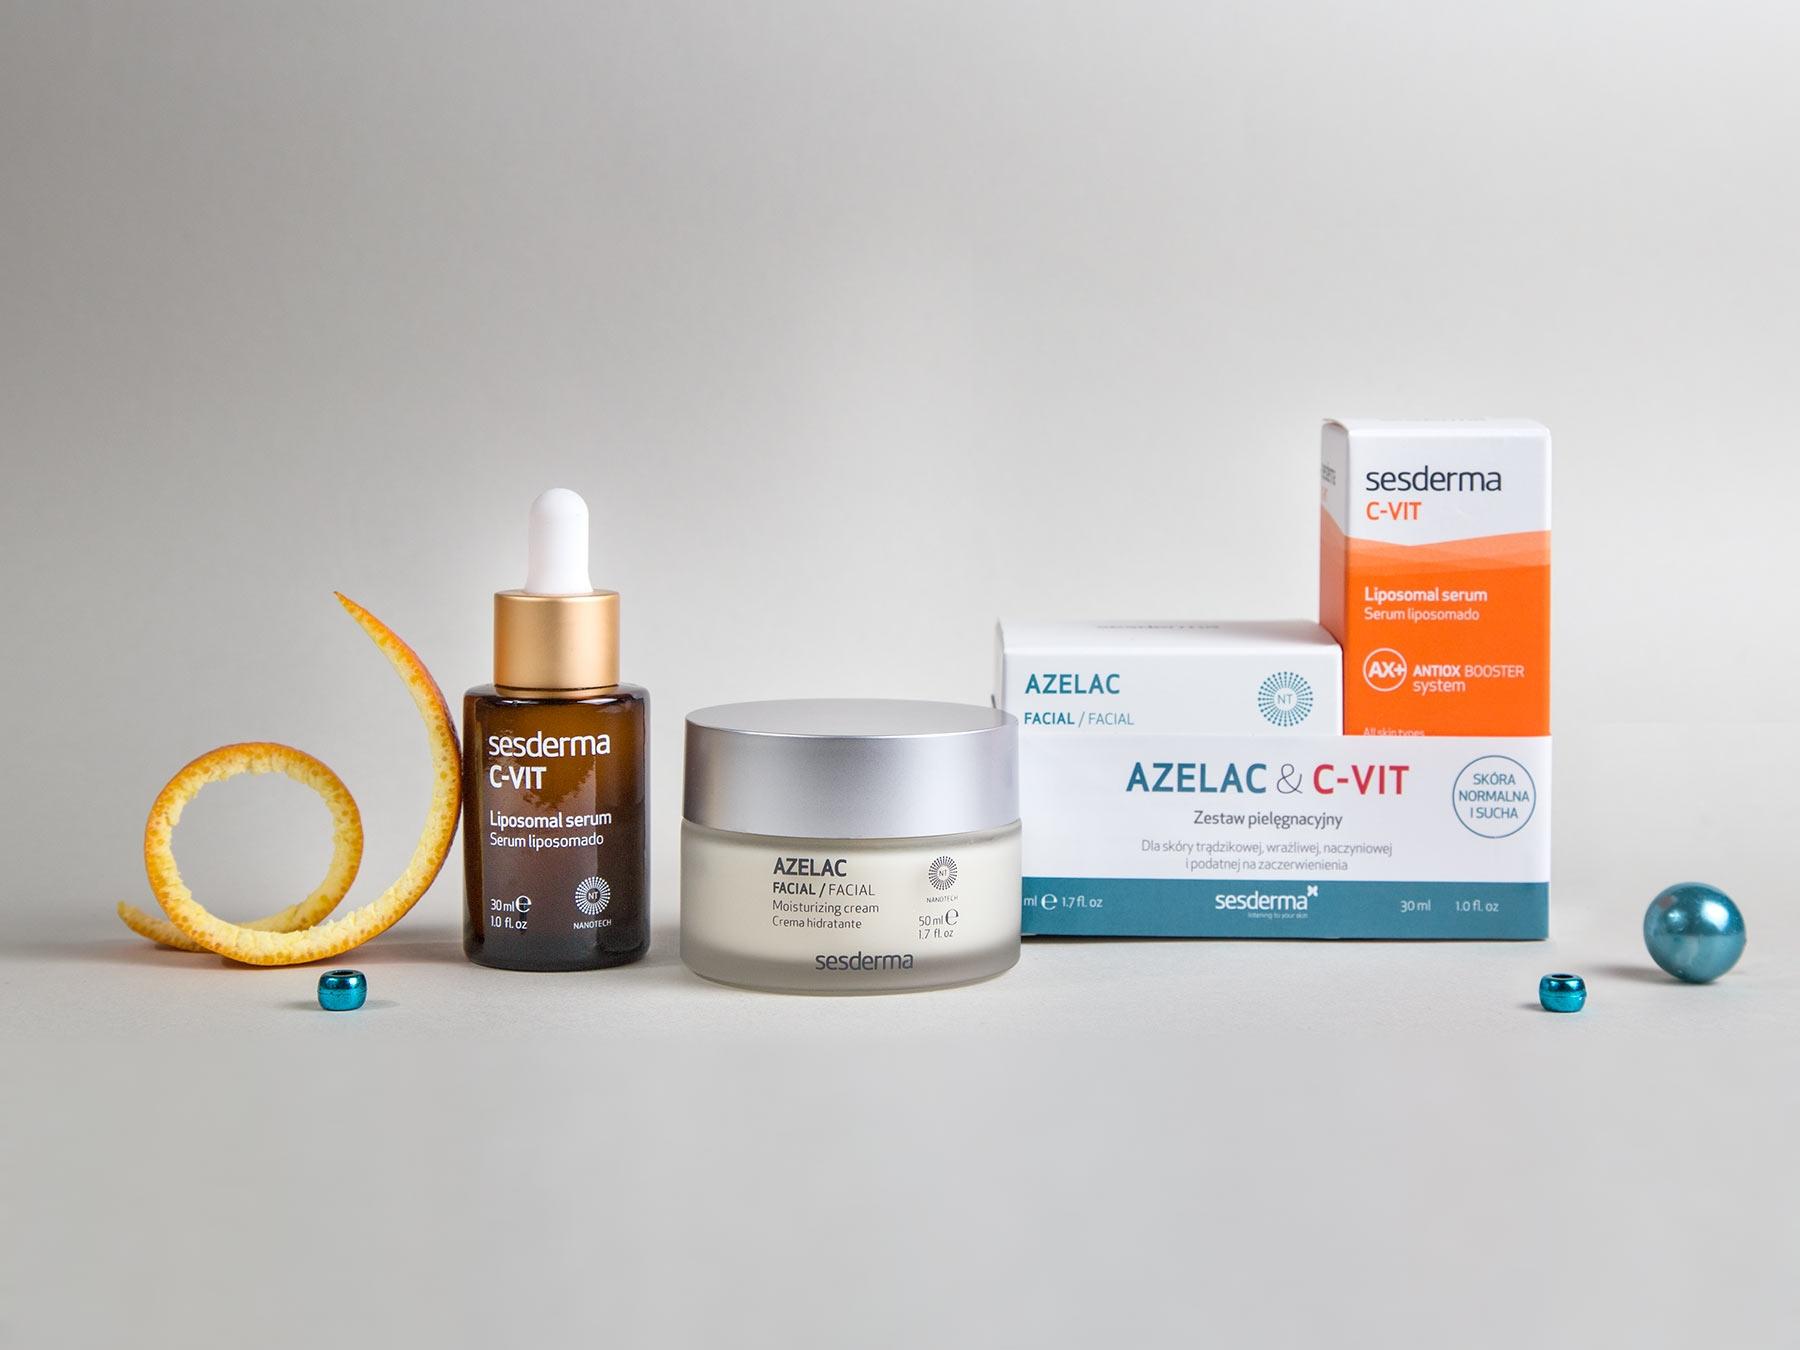 AZELAC Krem + C-VIT Serum 50 ml + 30 ml